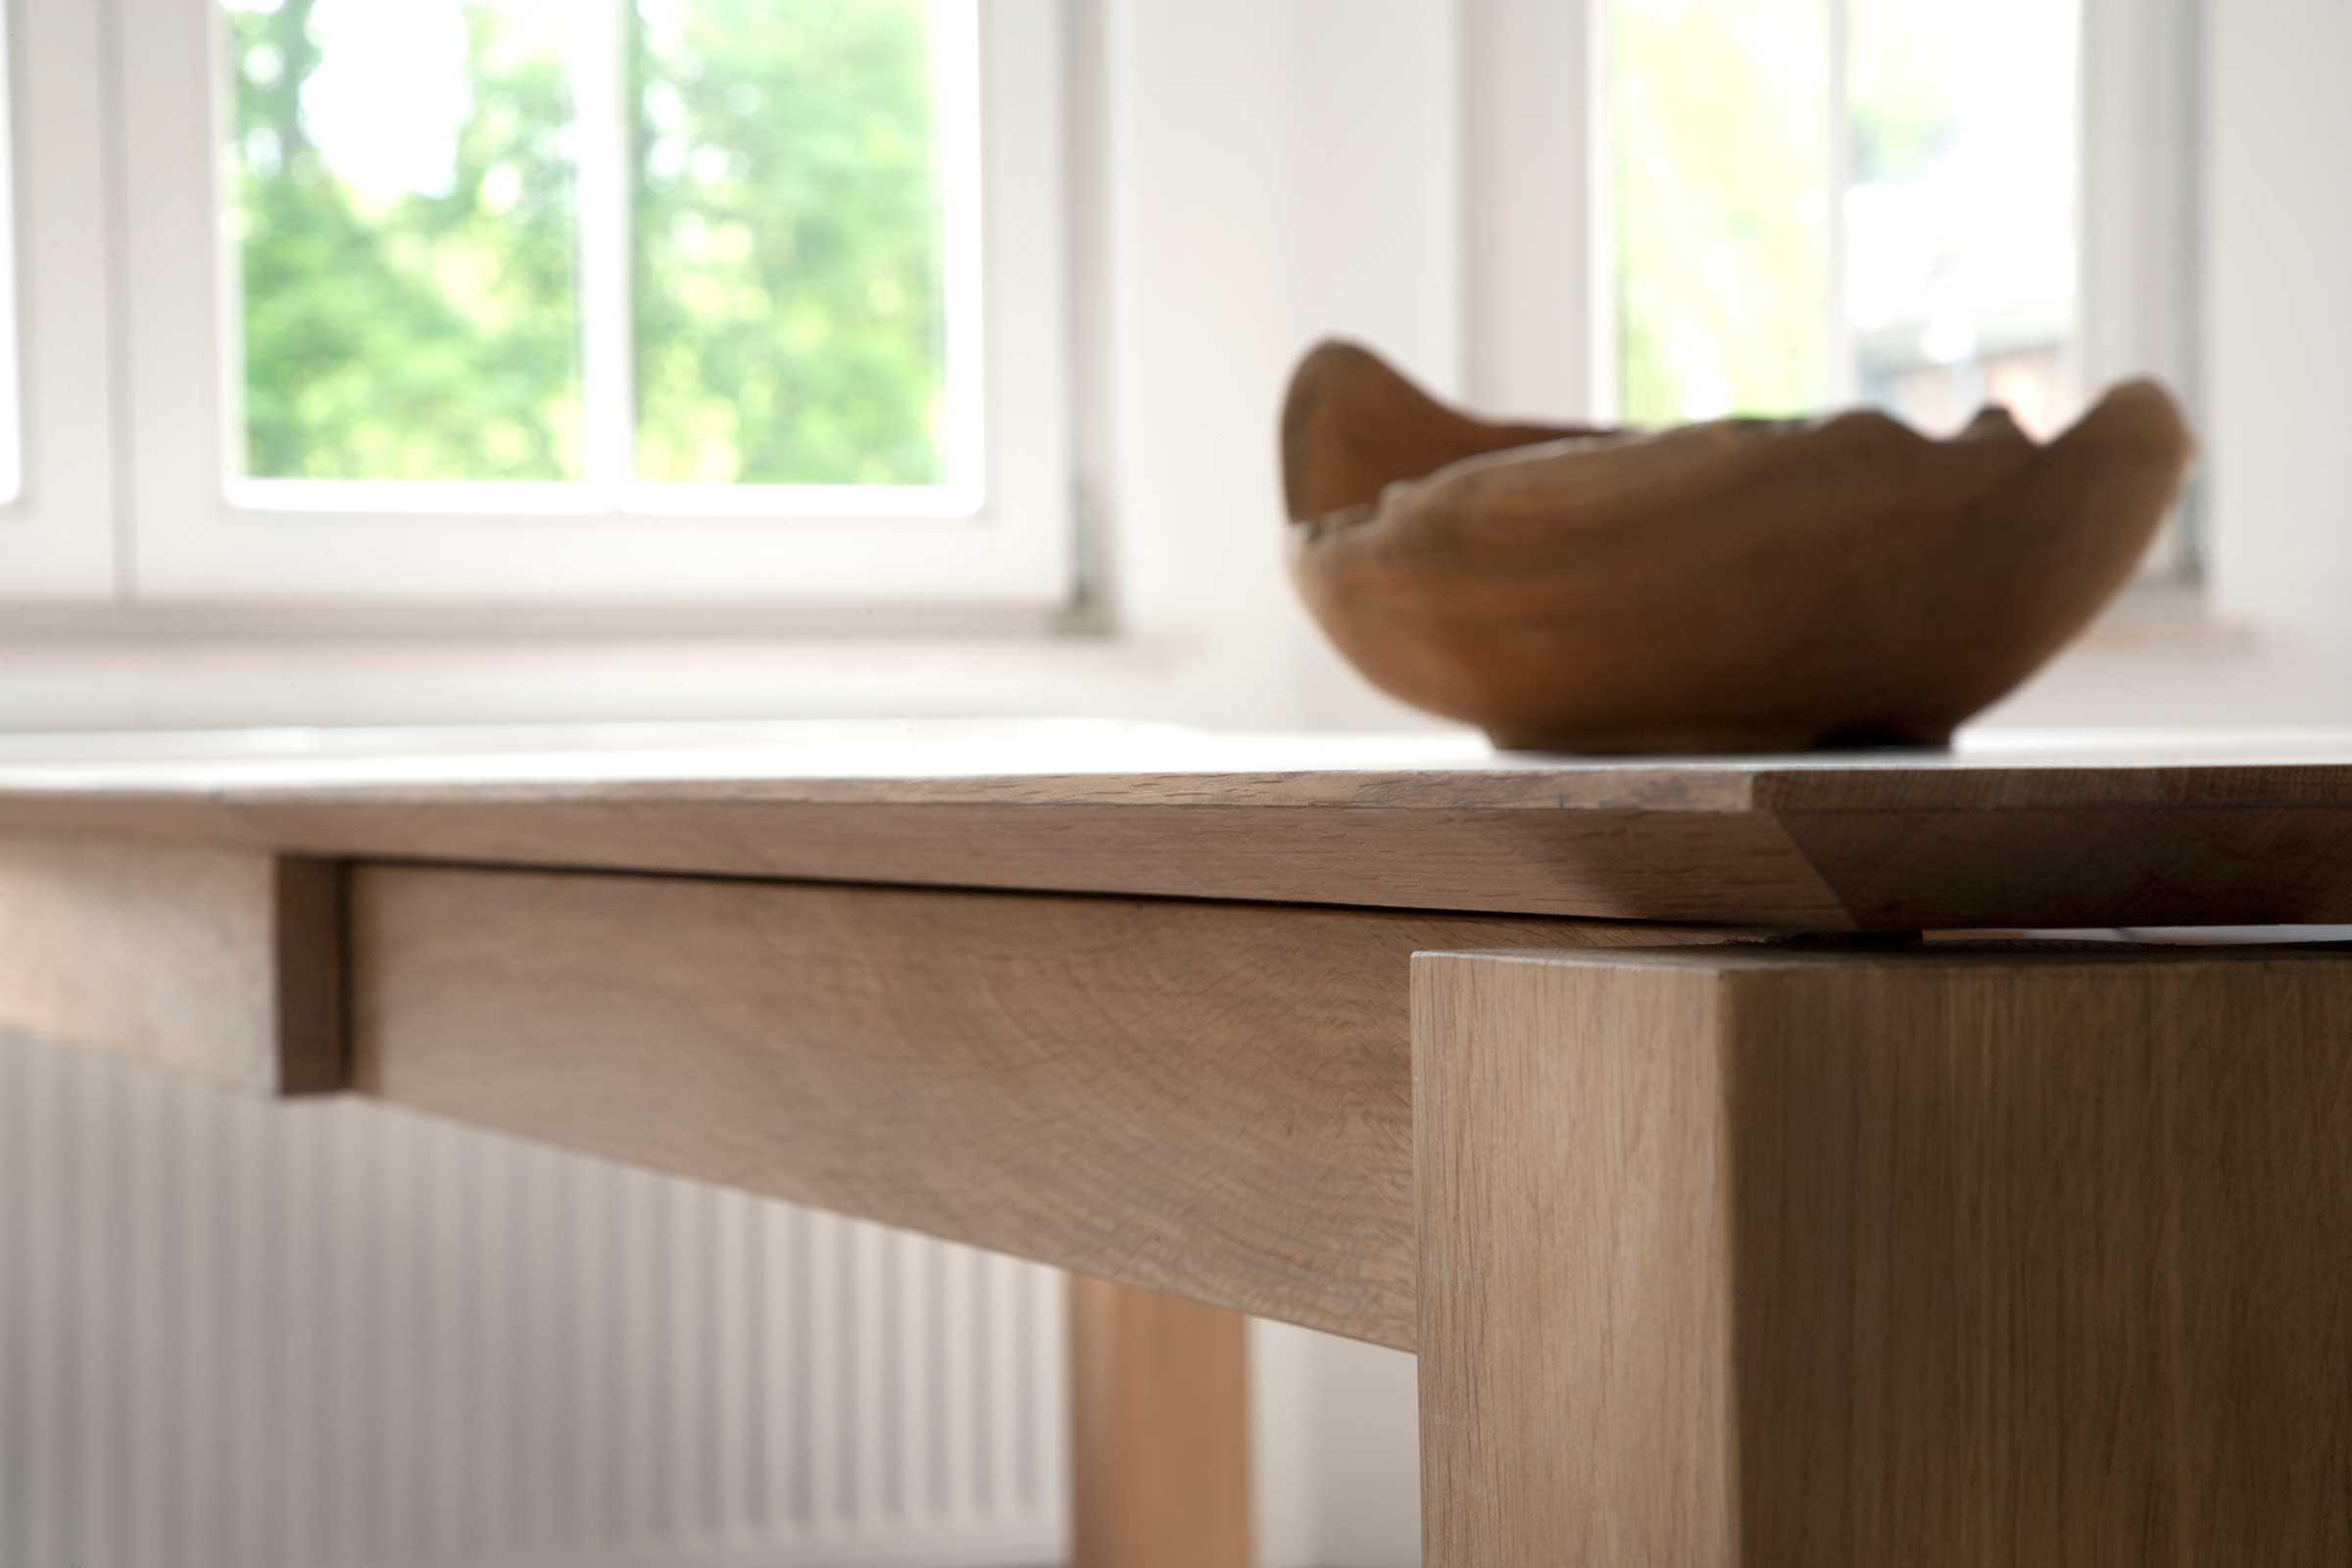 51943-Oak-Slice-extendable-dining-table-detail.jpg